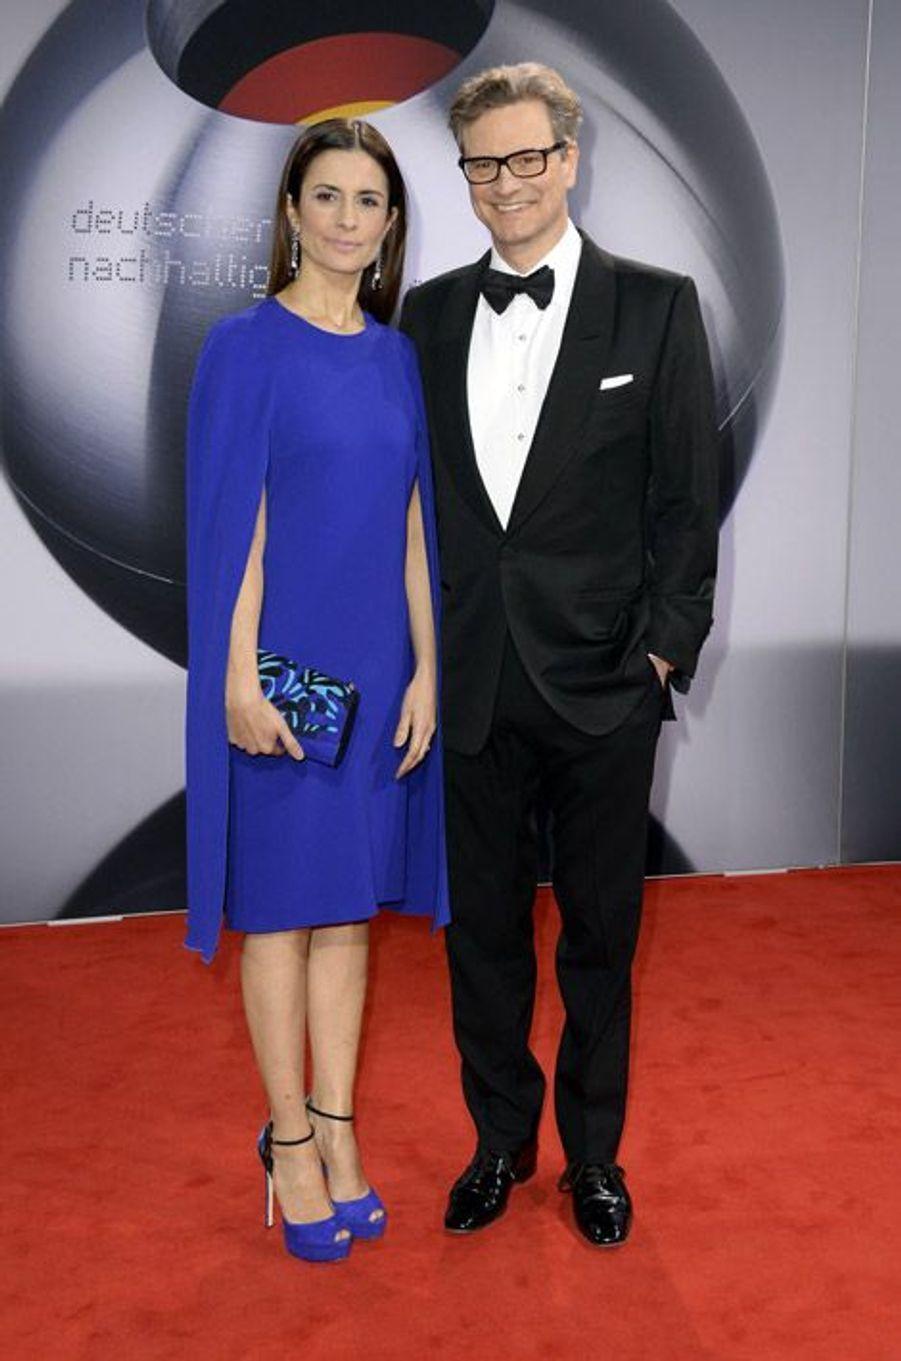 Livia Firth, la femme de Colin Firth, lors d'une soirée à Düsseldorf, le 28 novembre 2014